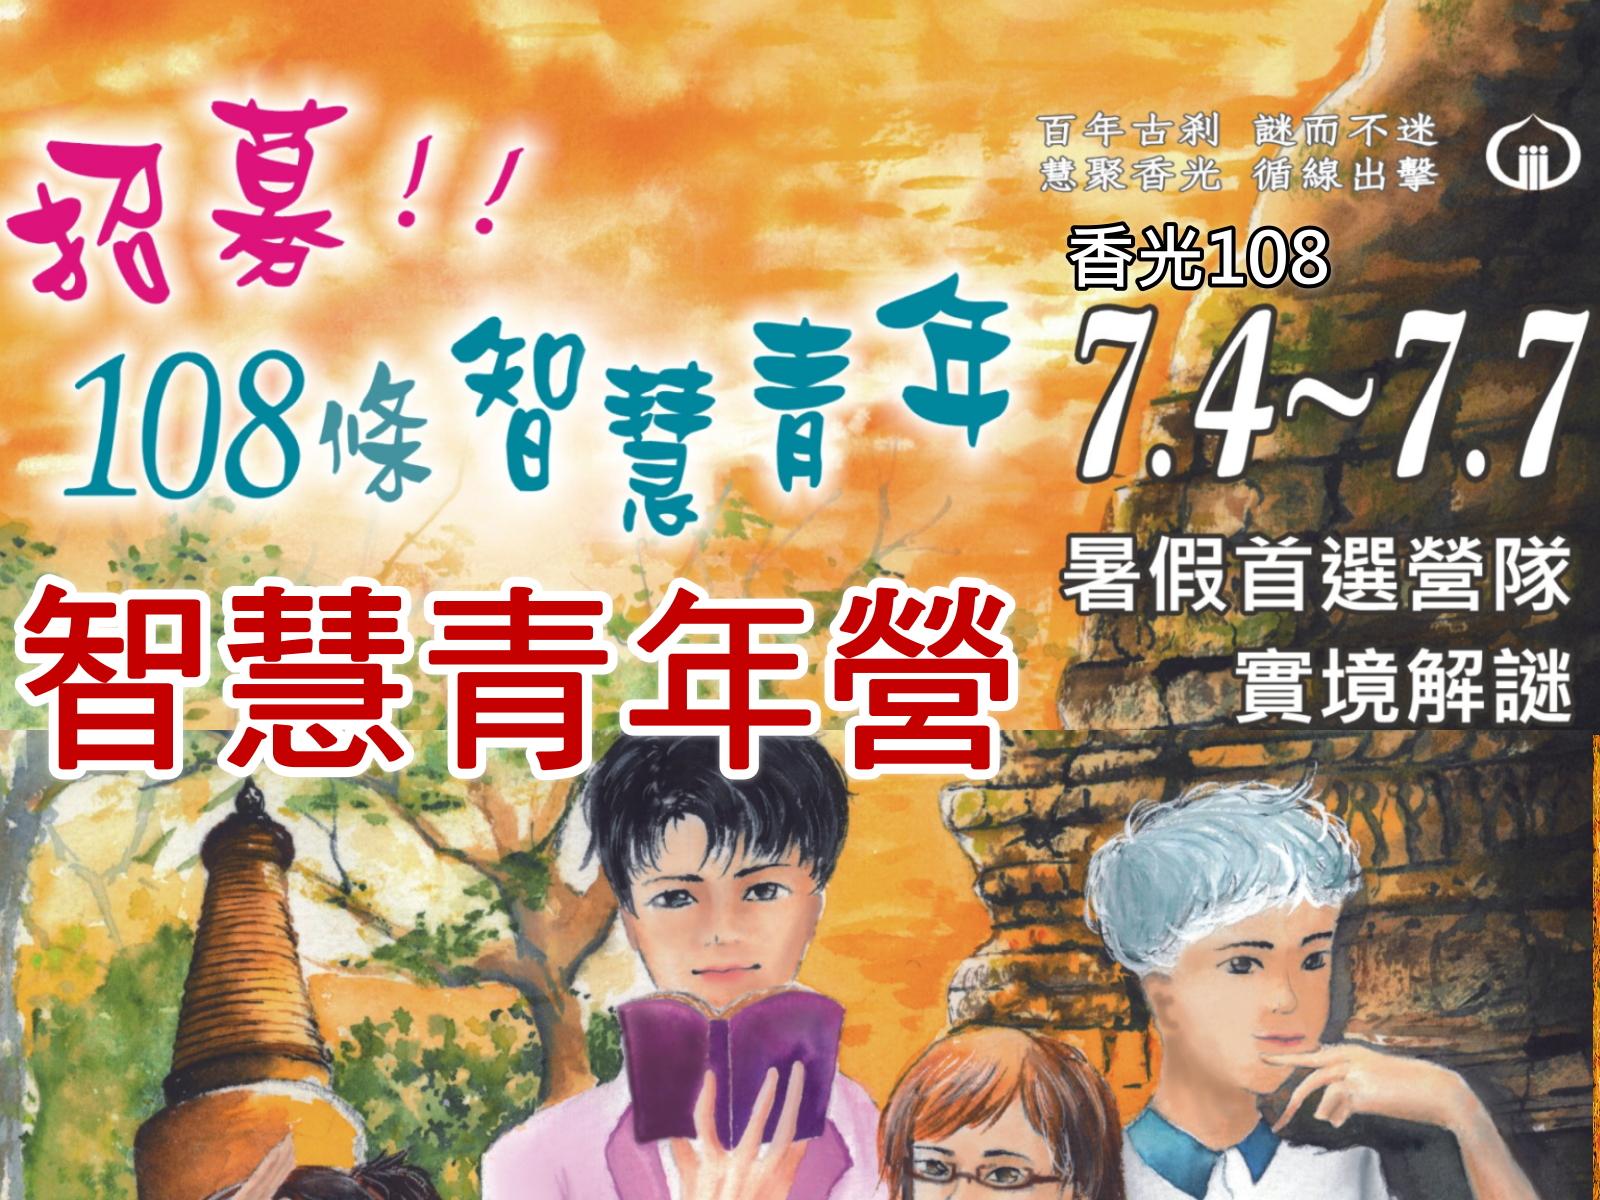 香光寺108年開心一夏兒童營幹部訓練報名(已額滿)